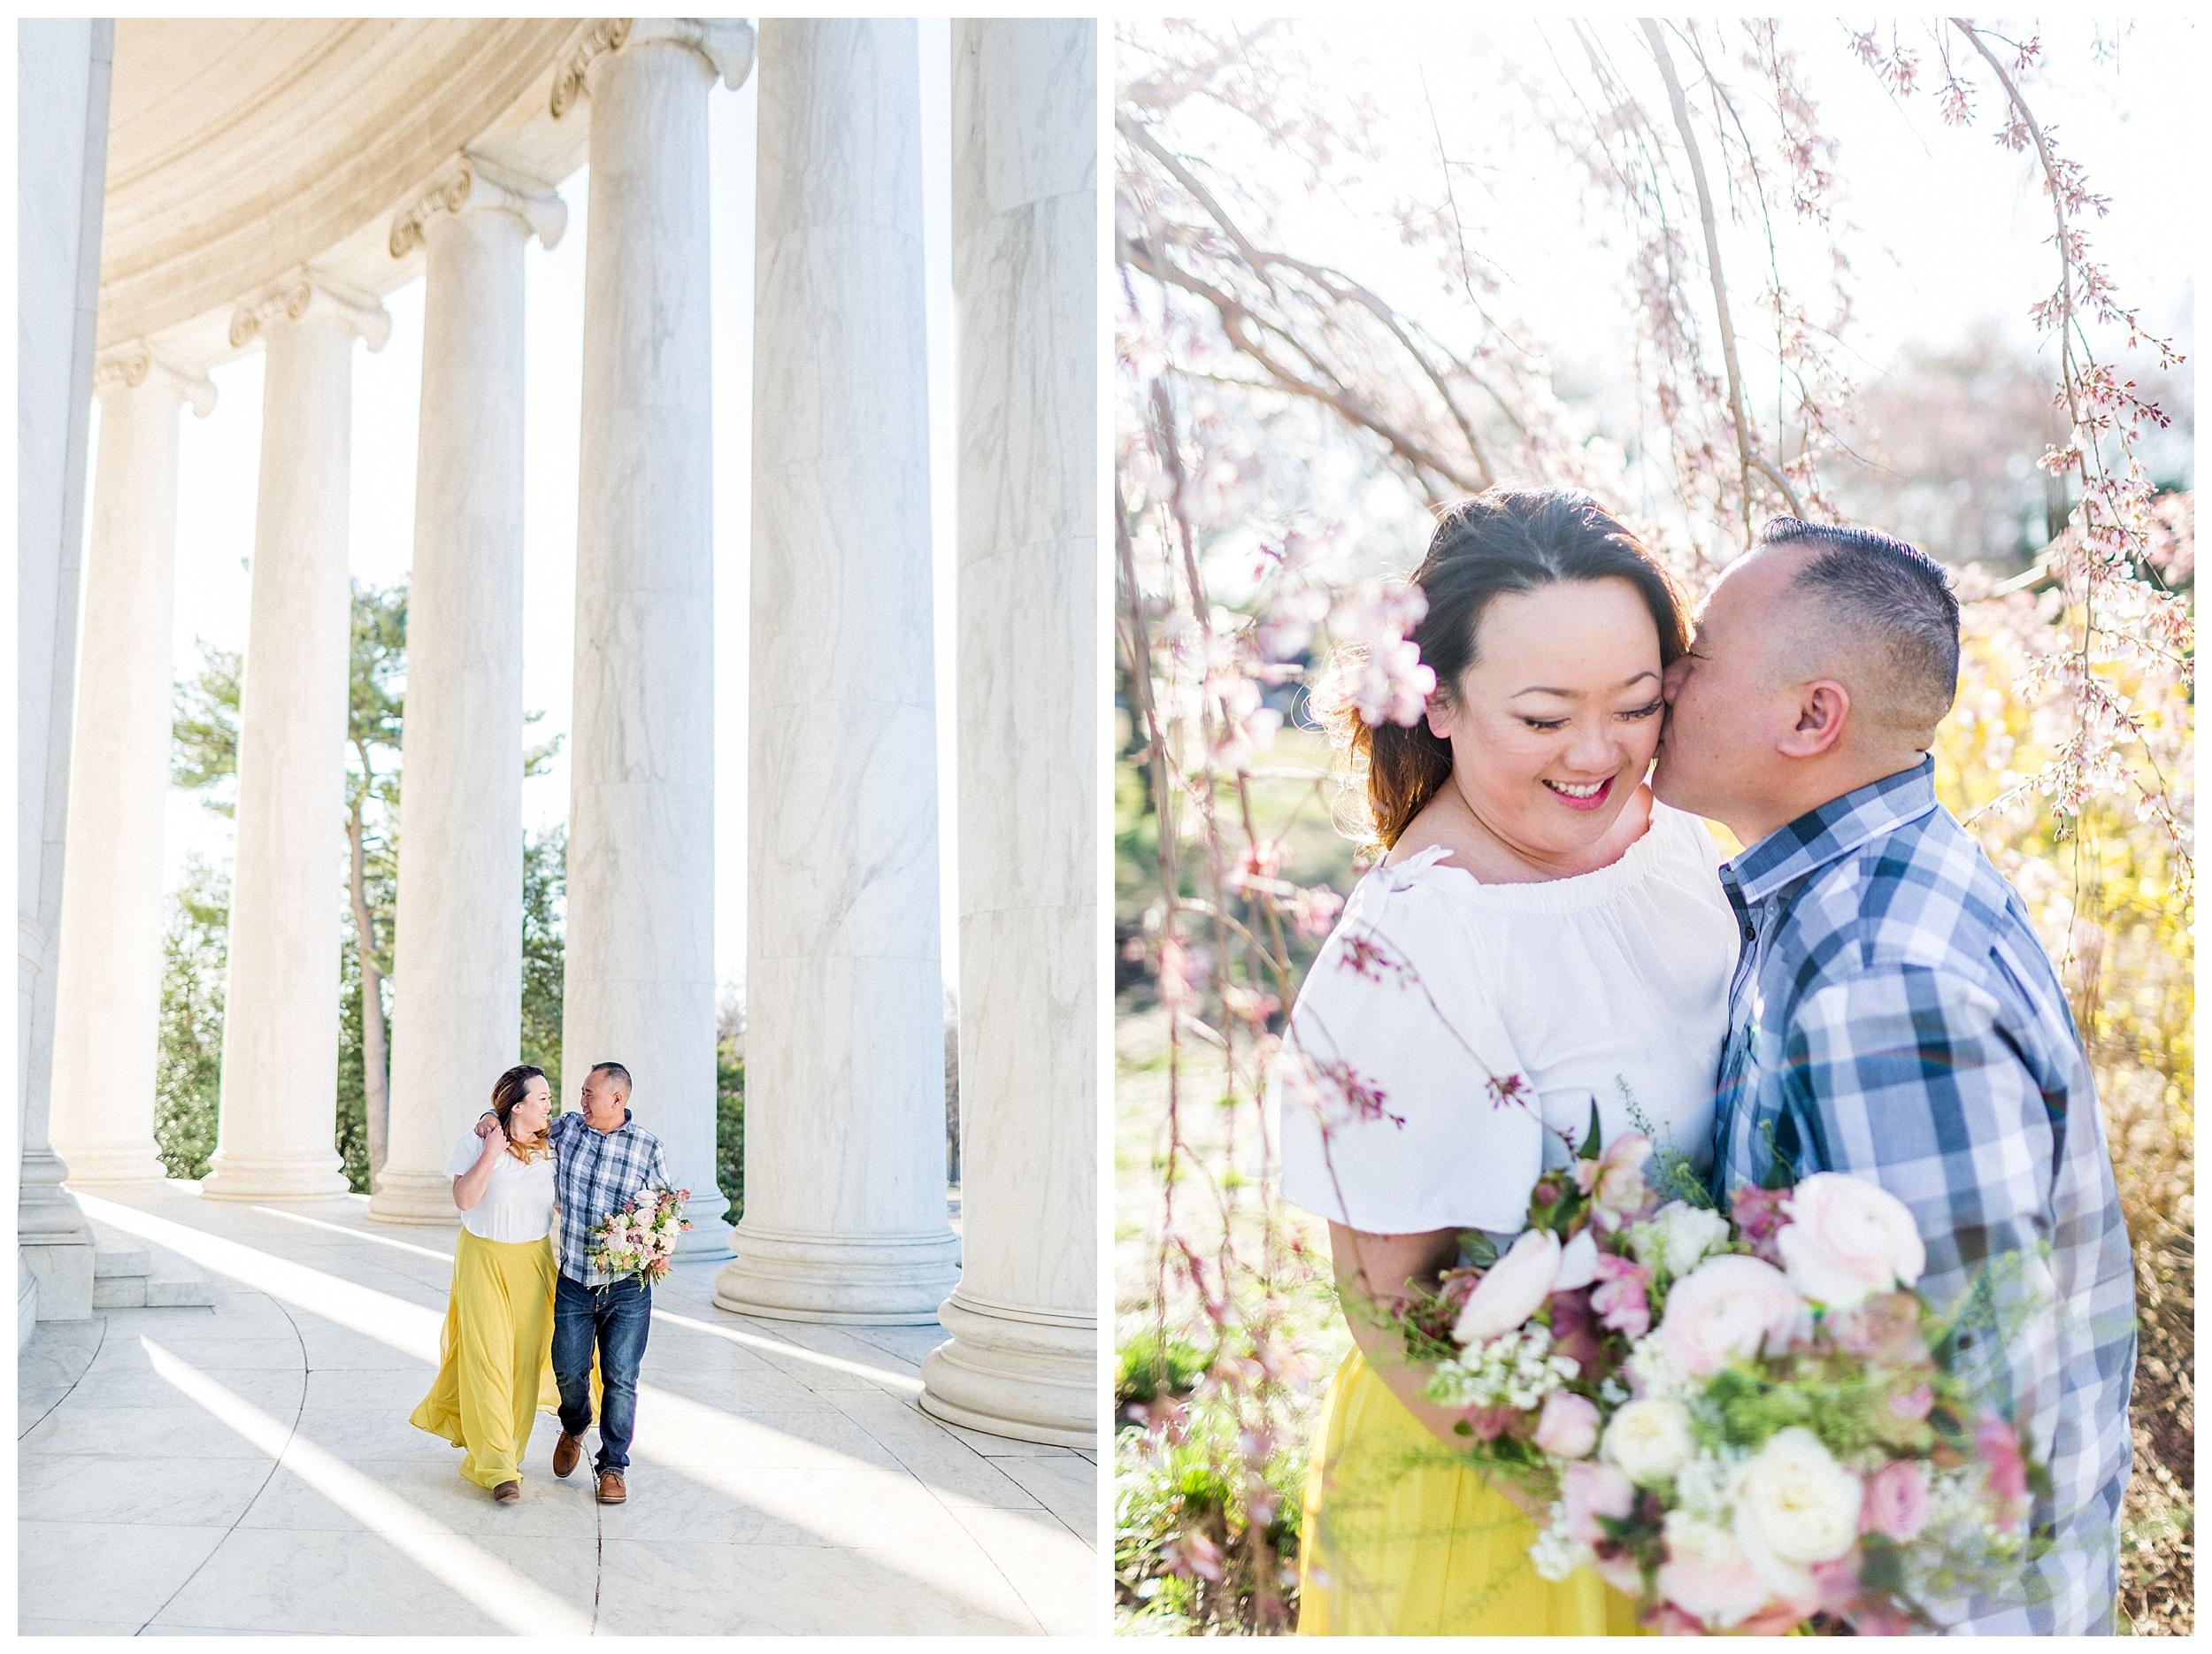 Washington DC Engagement Photos | Thomas Jefferson Engagement Session_0033.jpg